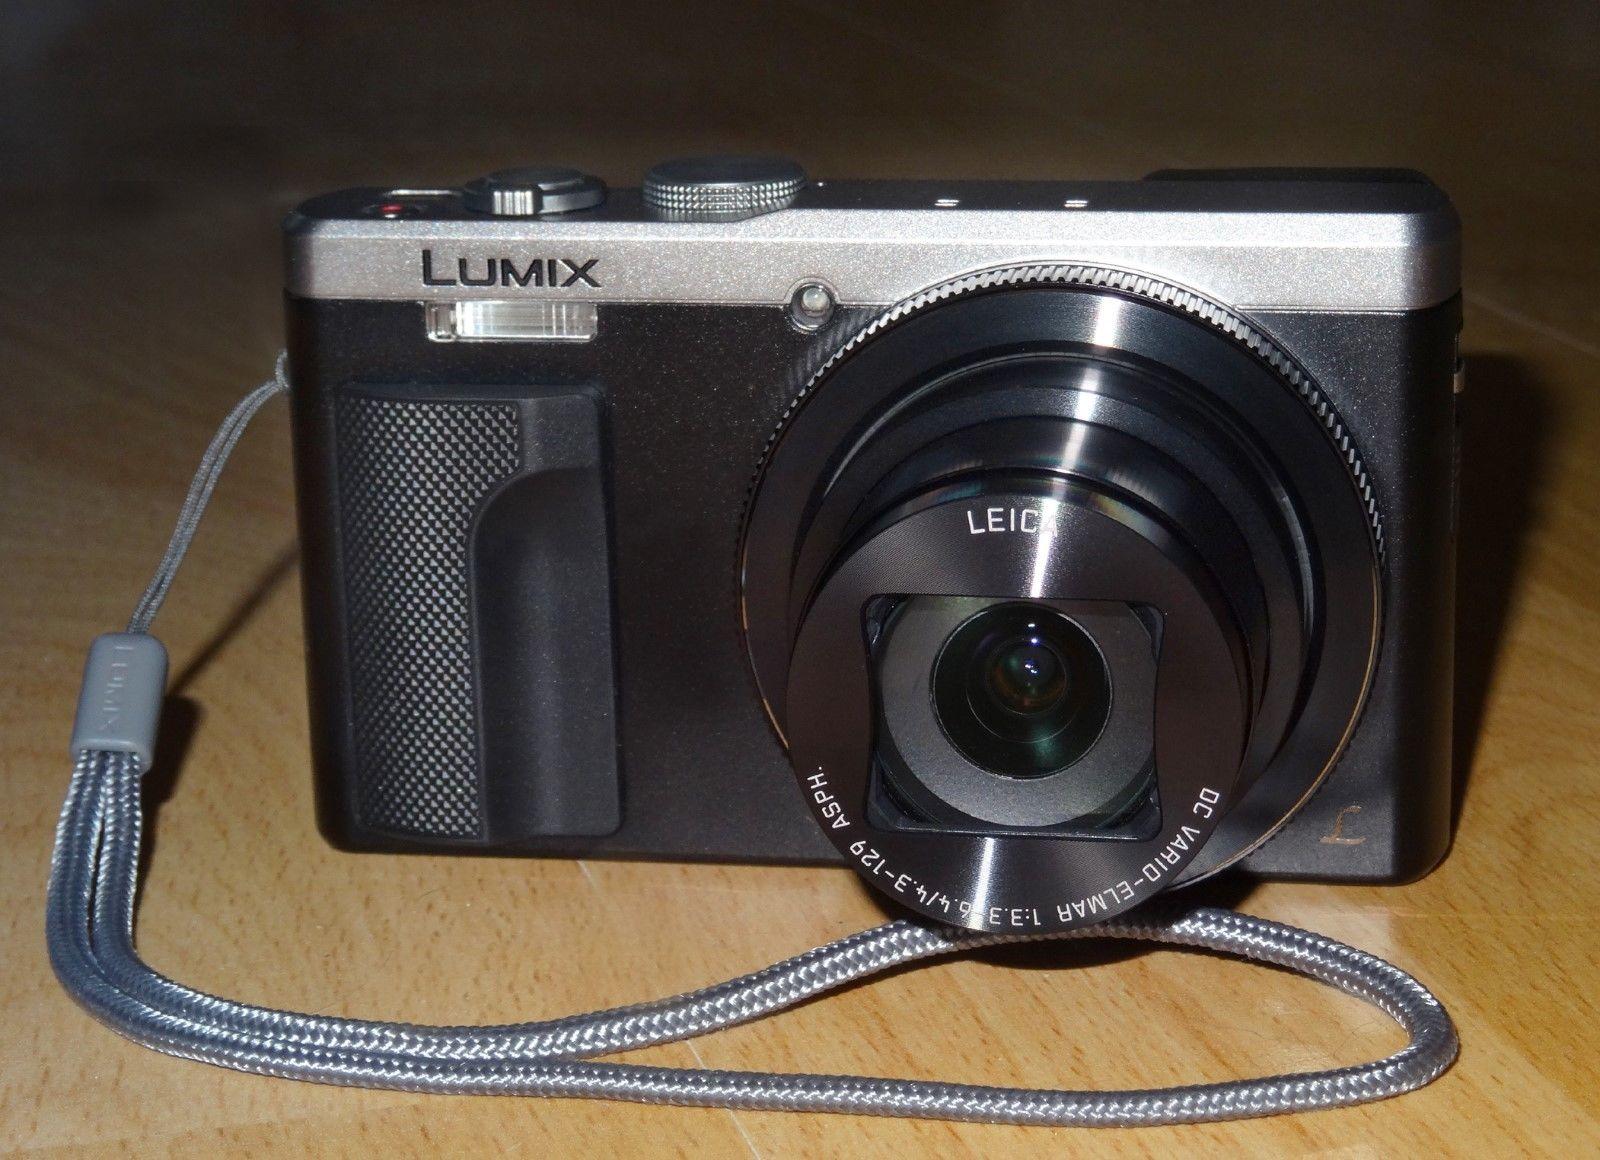 Panasonic Lumix DMC-TZ81 Silber, kaum benutzt voll funktionsfähig